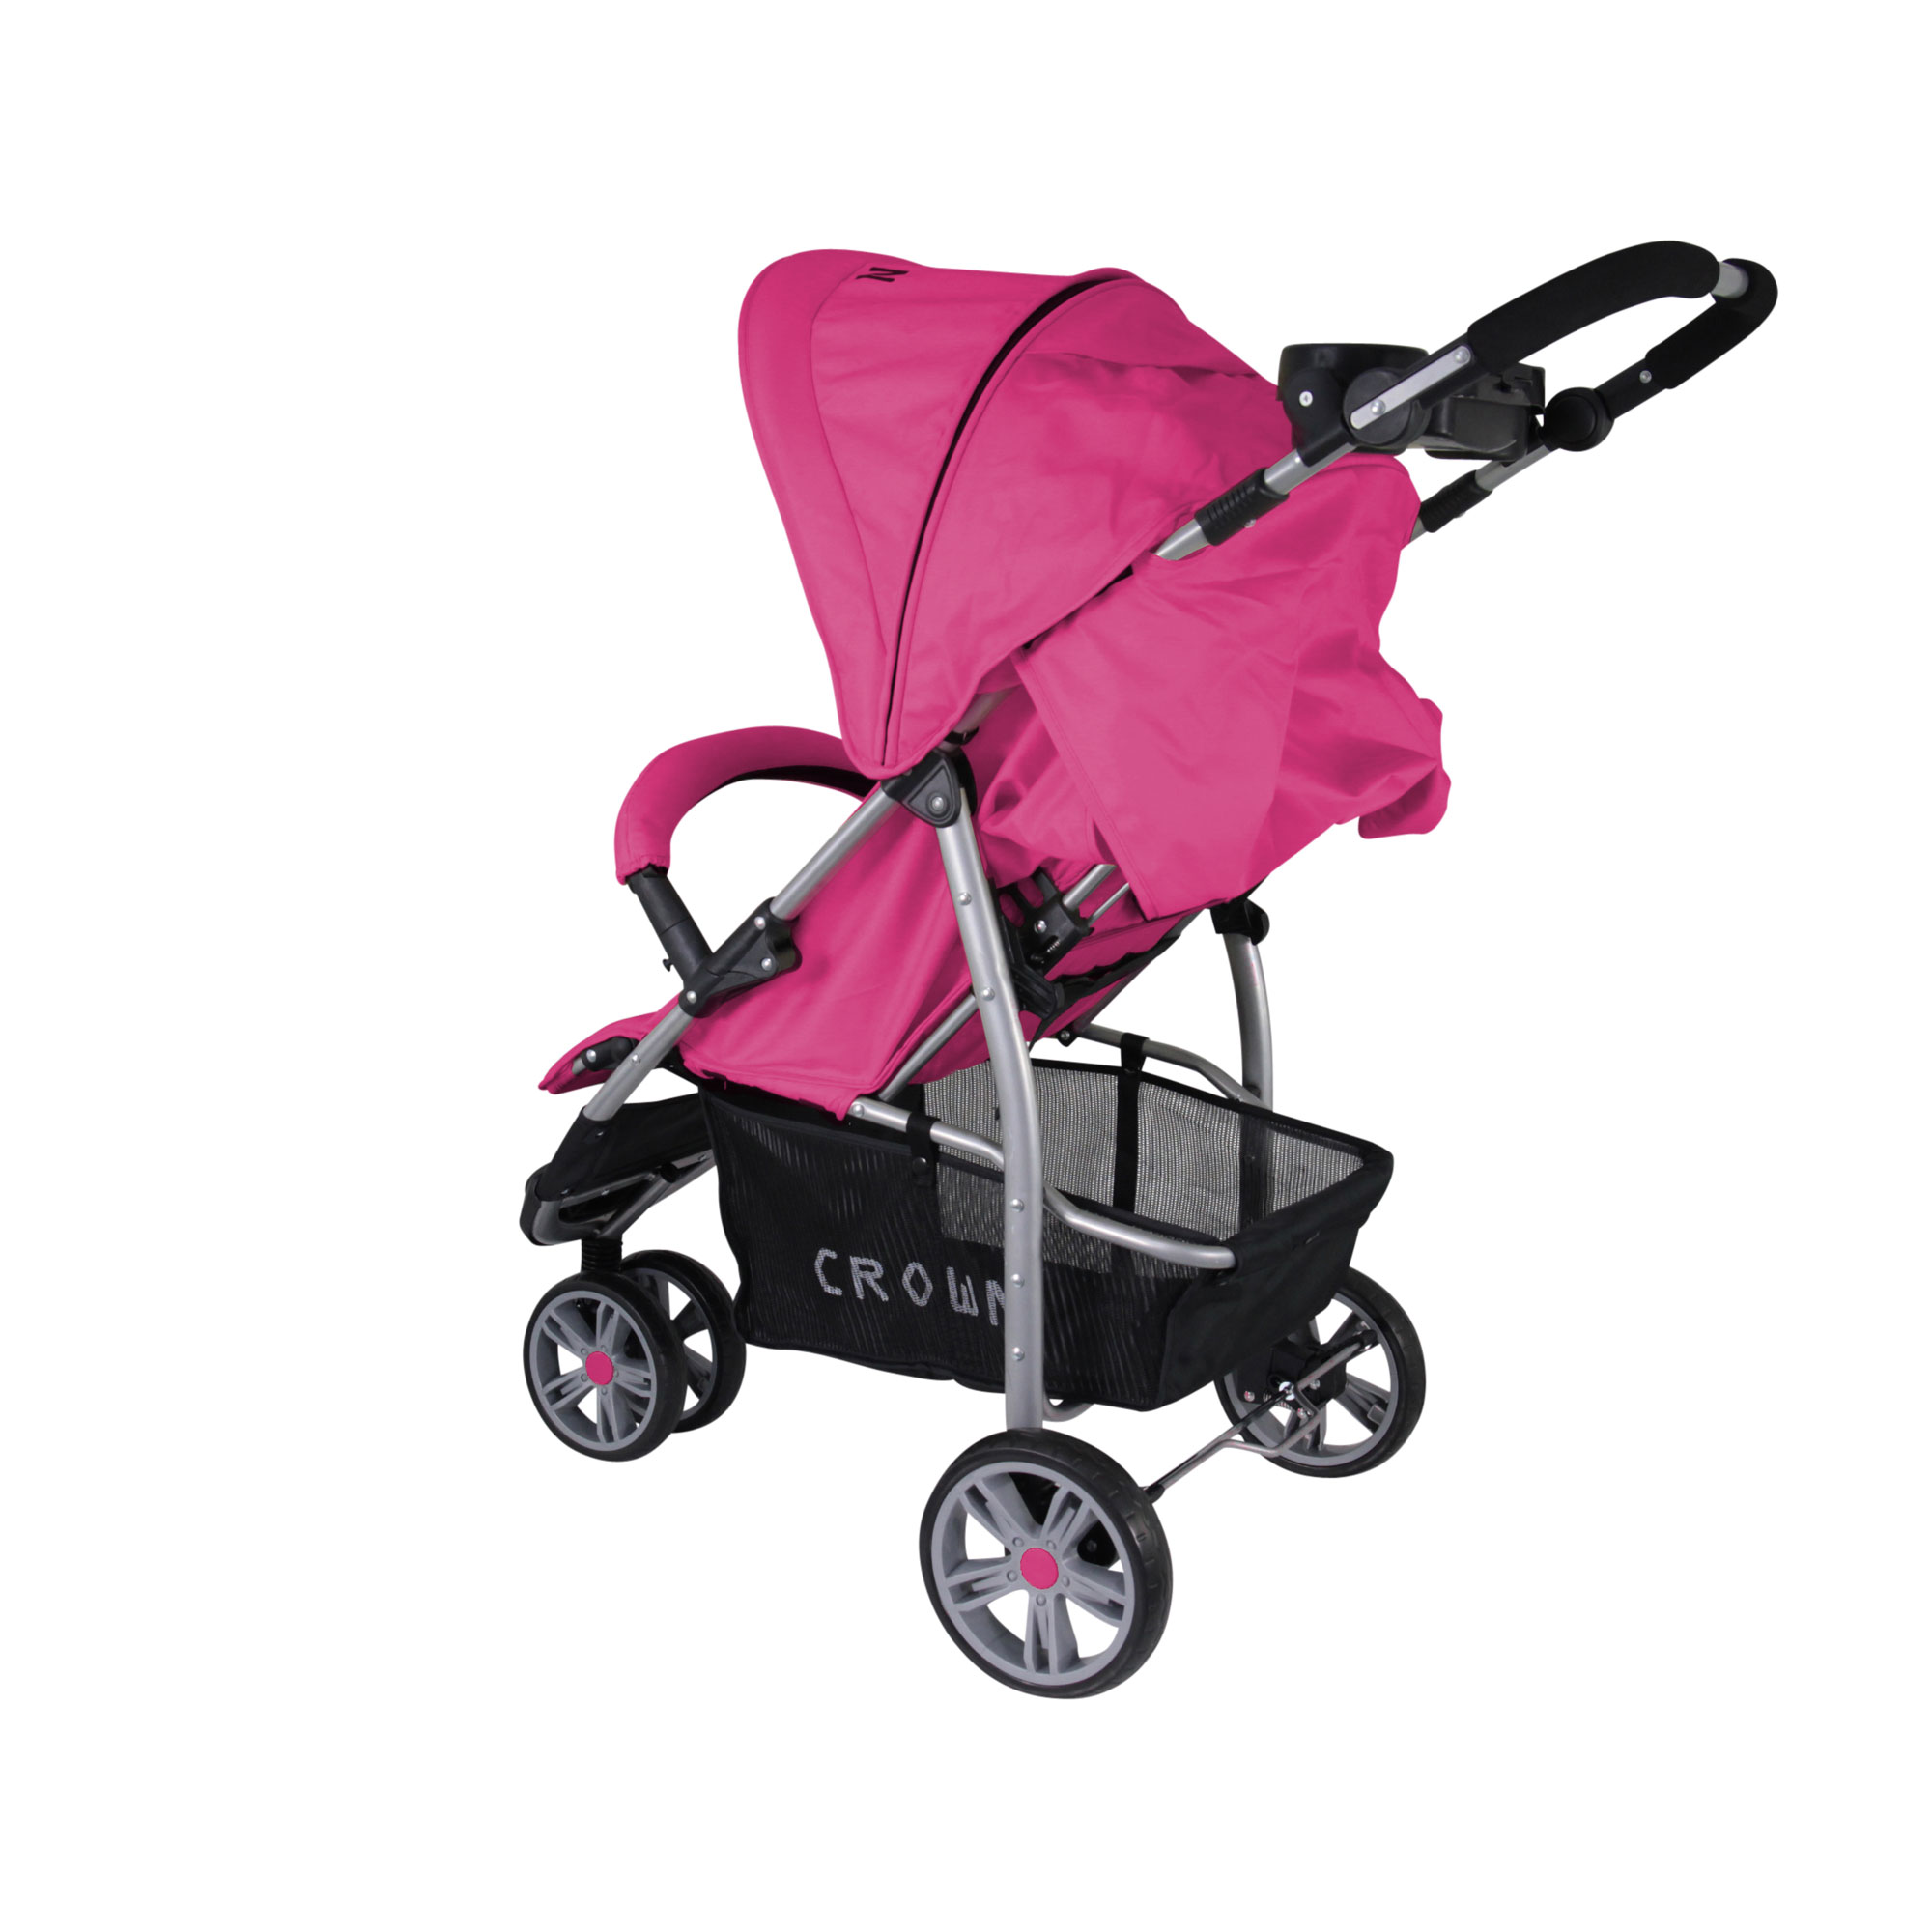 st712 crown kinderwagen buggy sport jogger farbe pink kinderwagen buggy. Black Bedroom Furniture Sets. Home Design Ideas